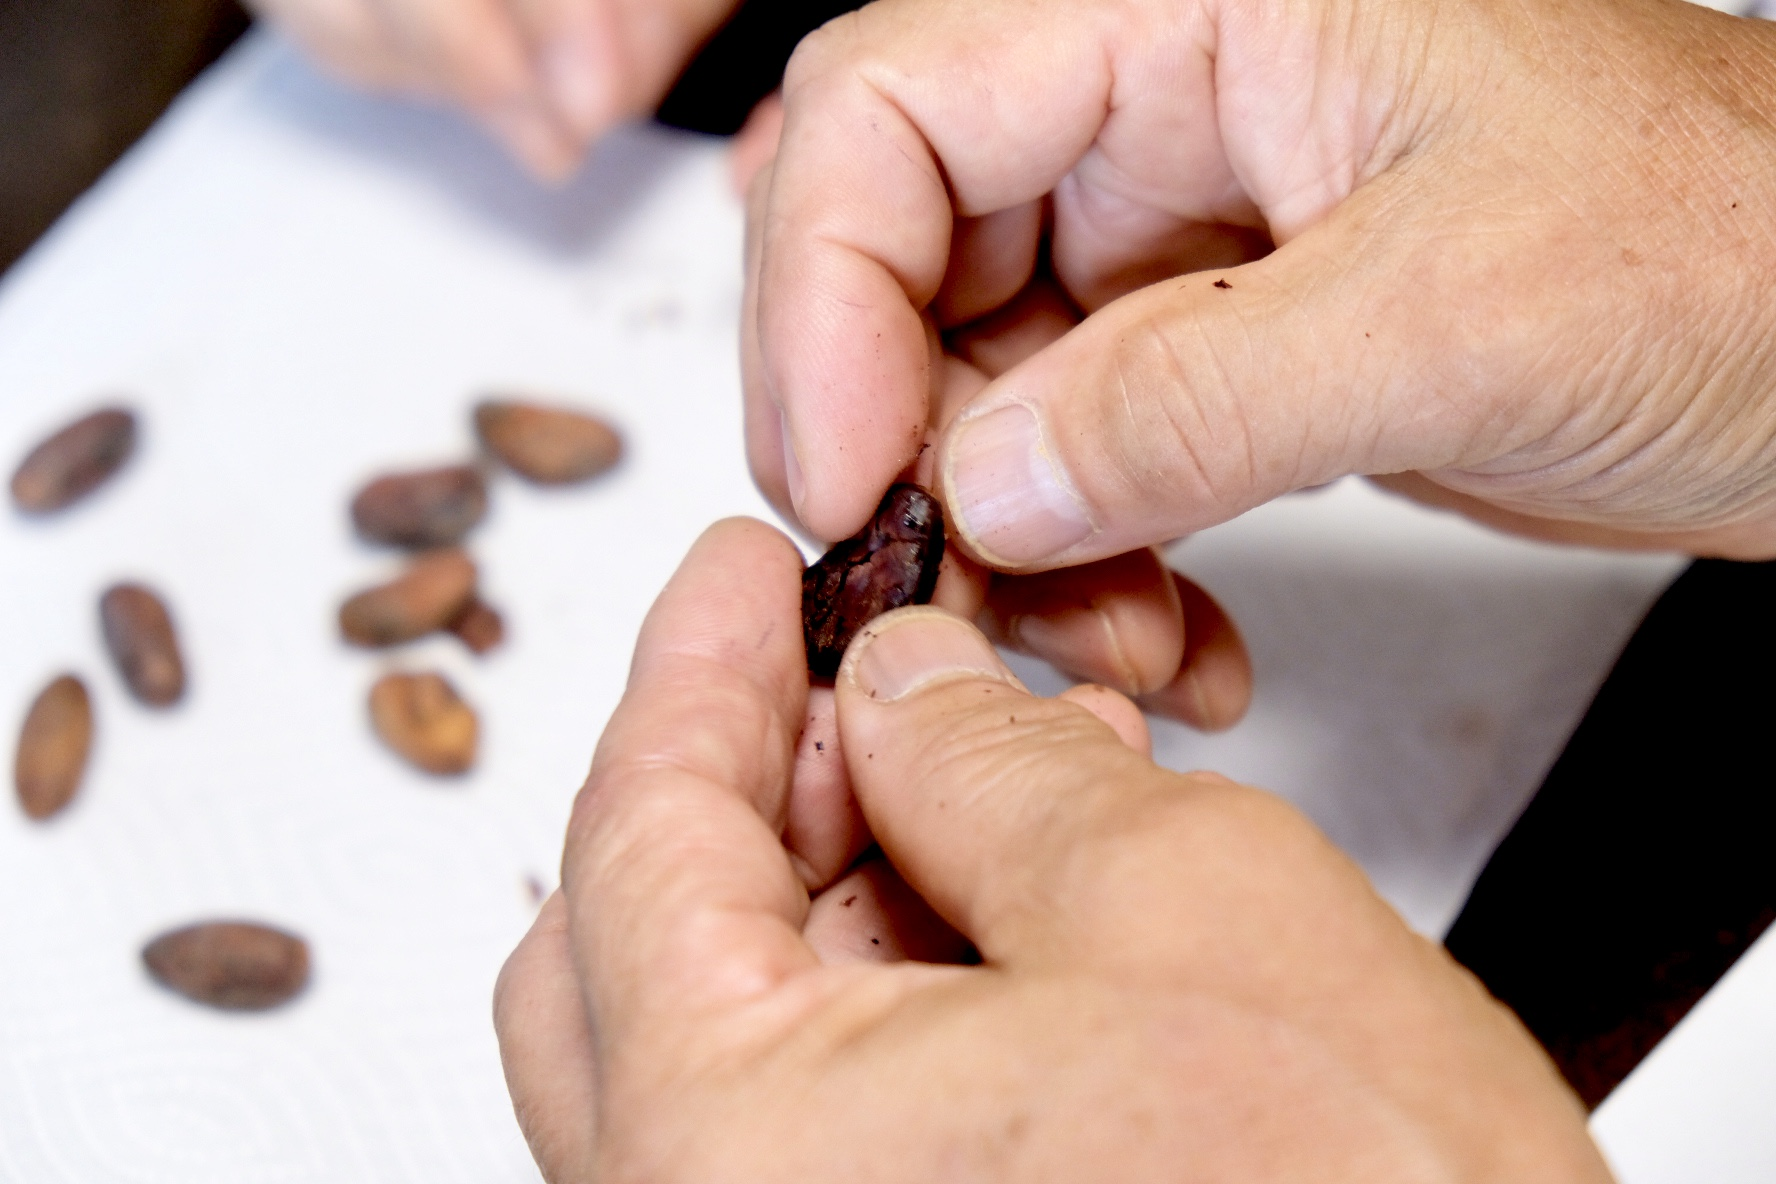 チョコレート研究の第一人者が考える、日本のビーントゥバー事情とは。佐藤清隆さん インタビューvol.2